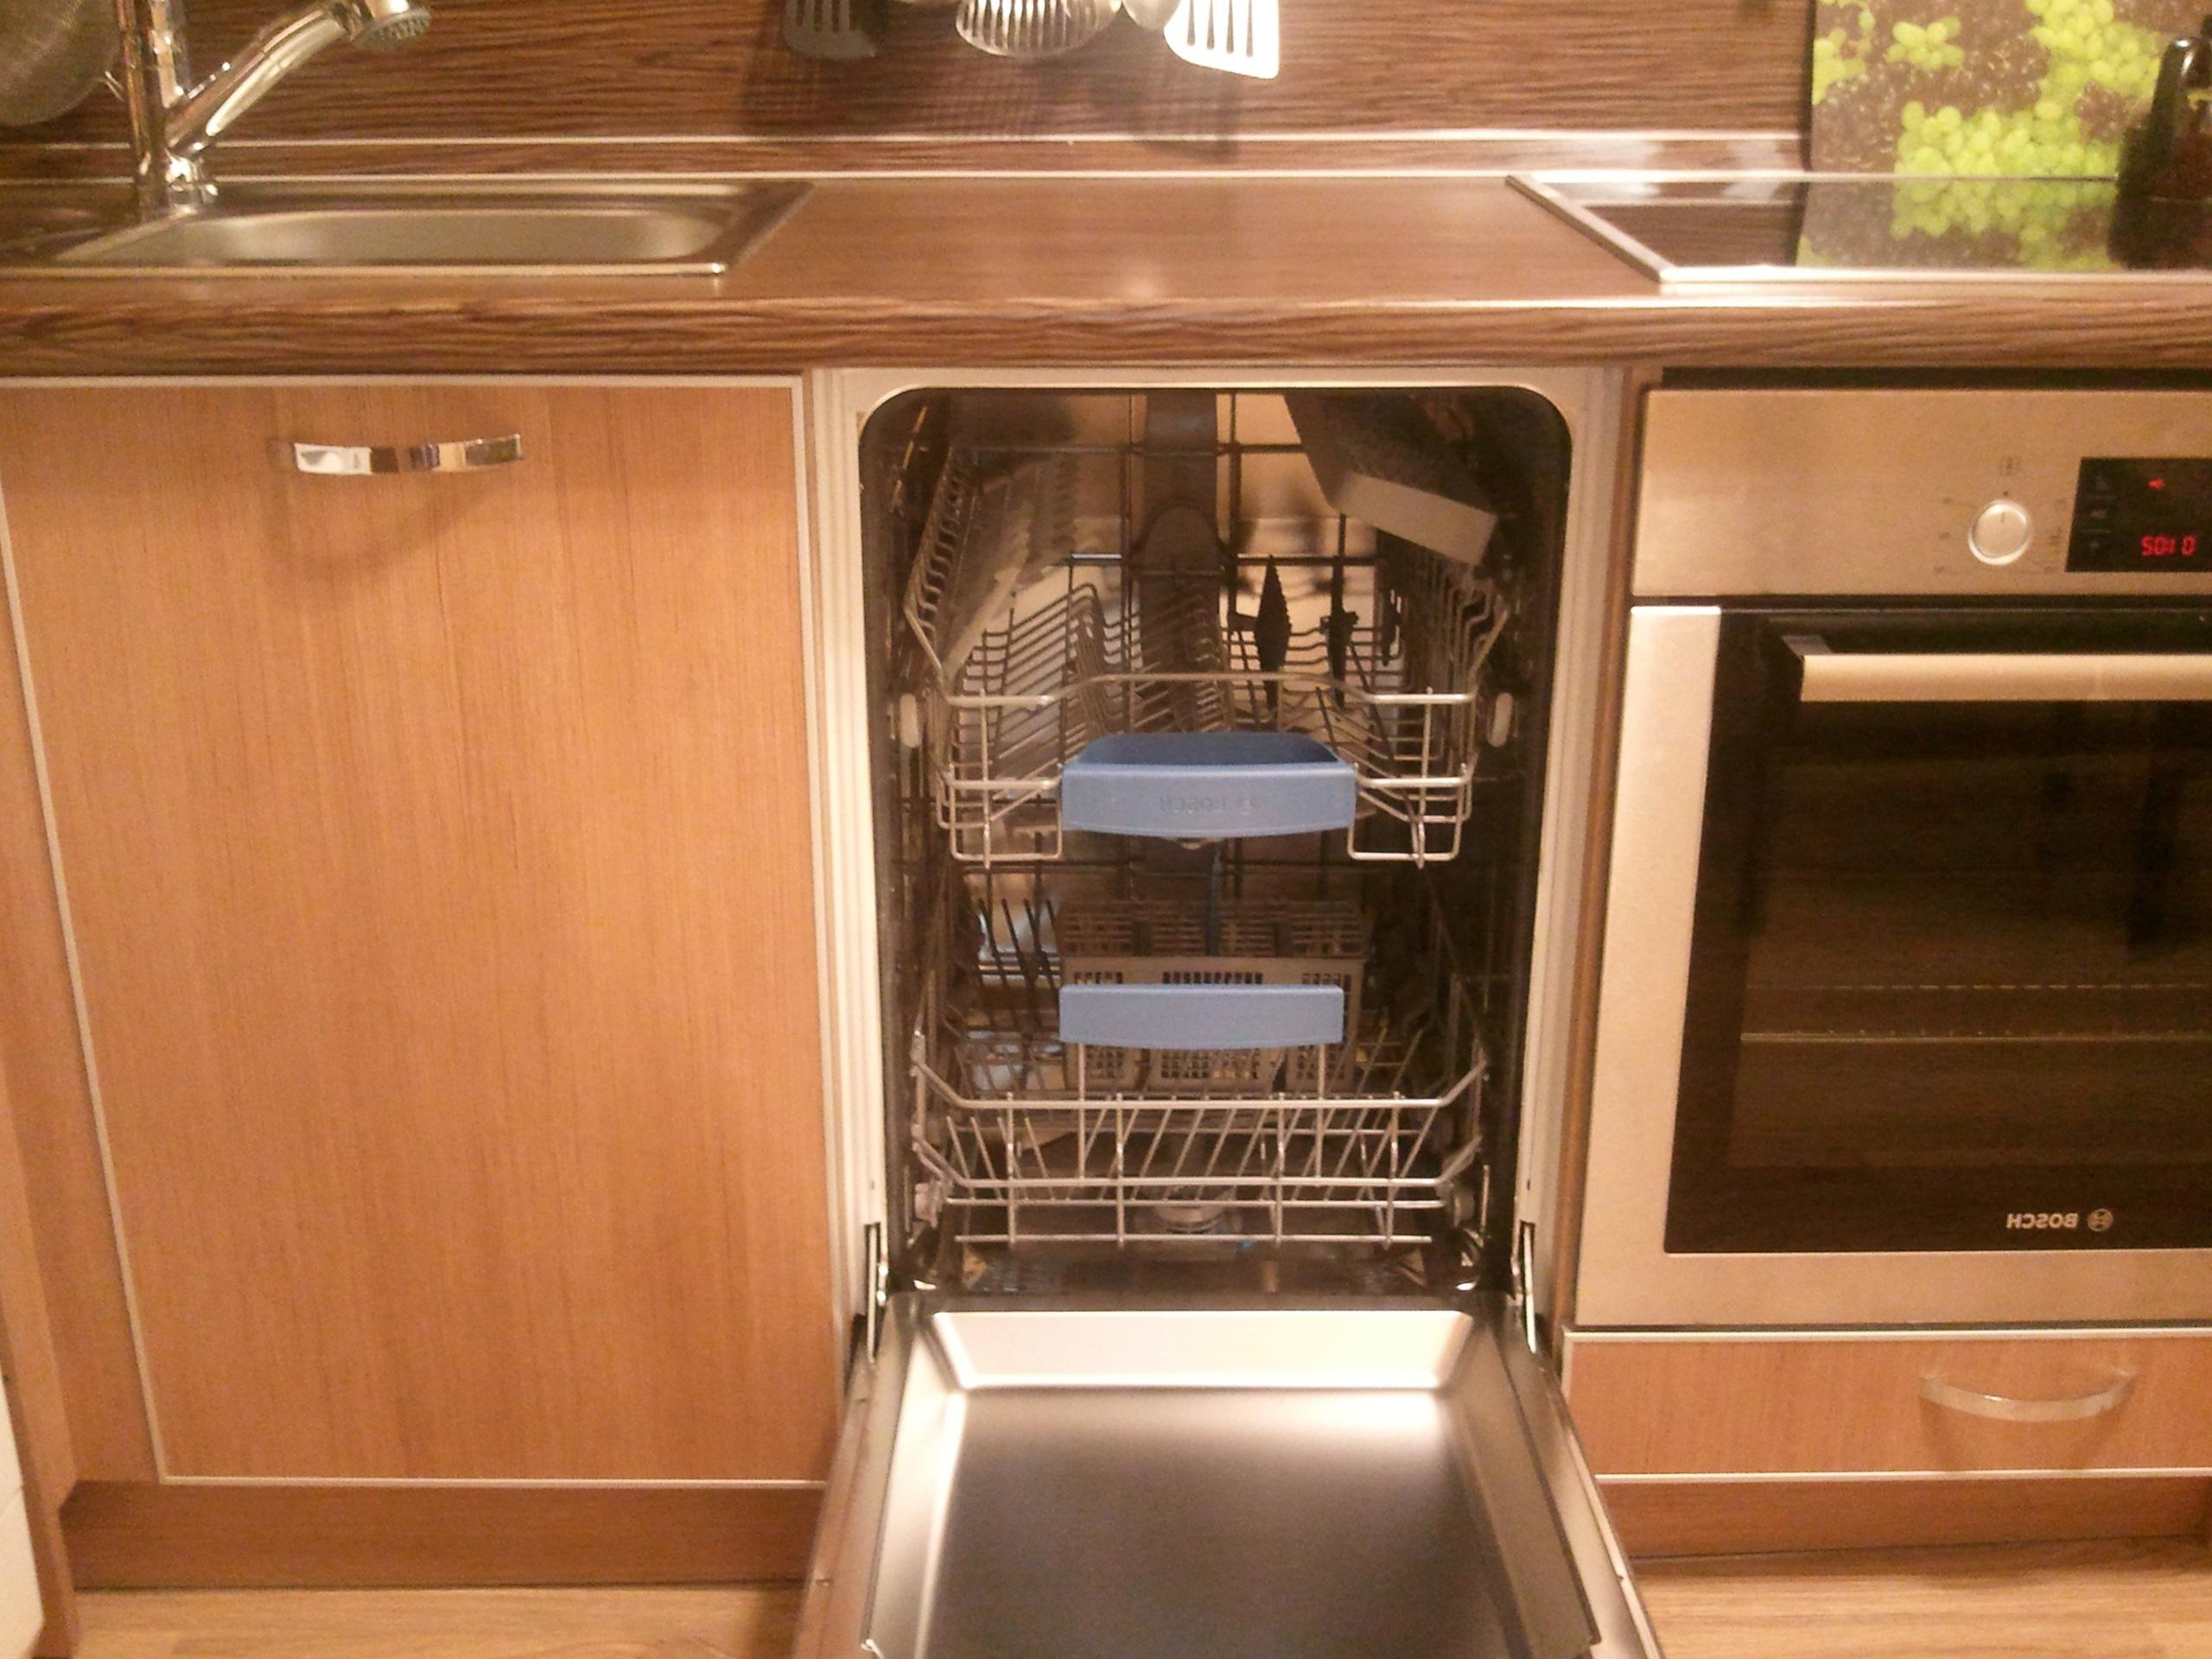 монтаж встроенной посудомоечной машины